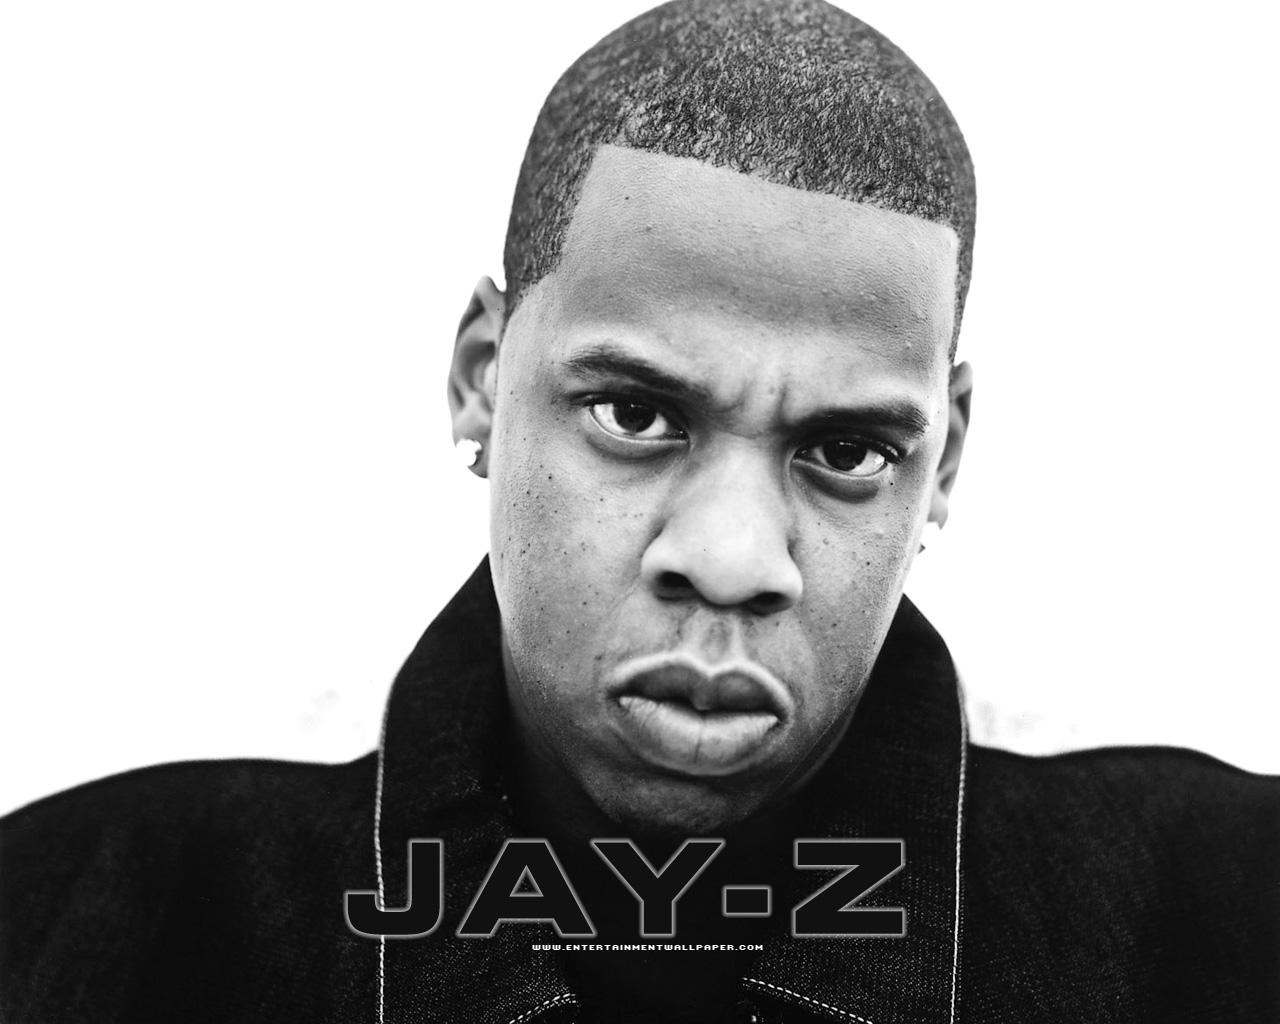 Jay Z Wallpaper